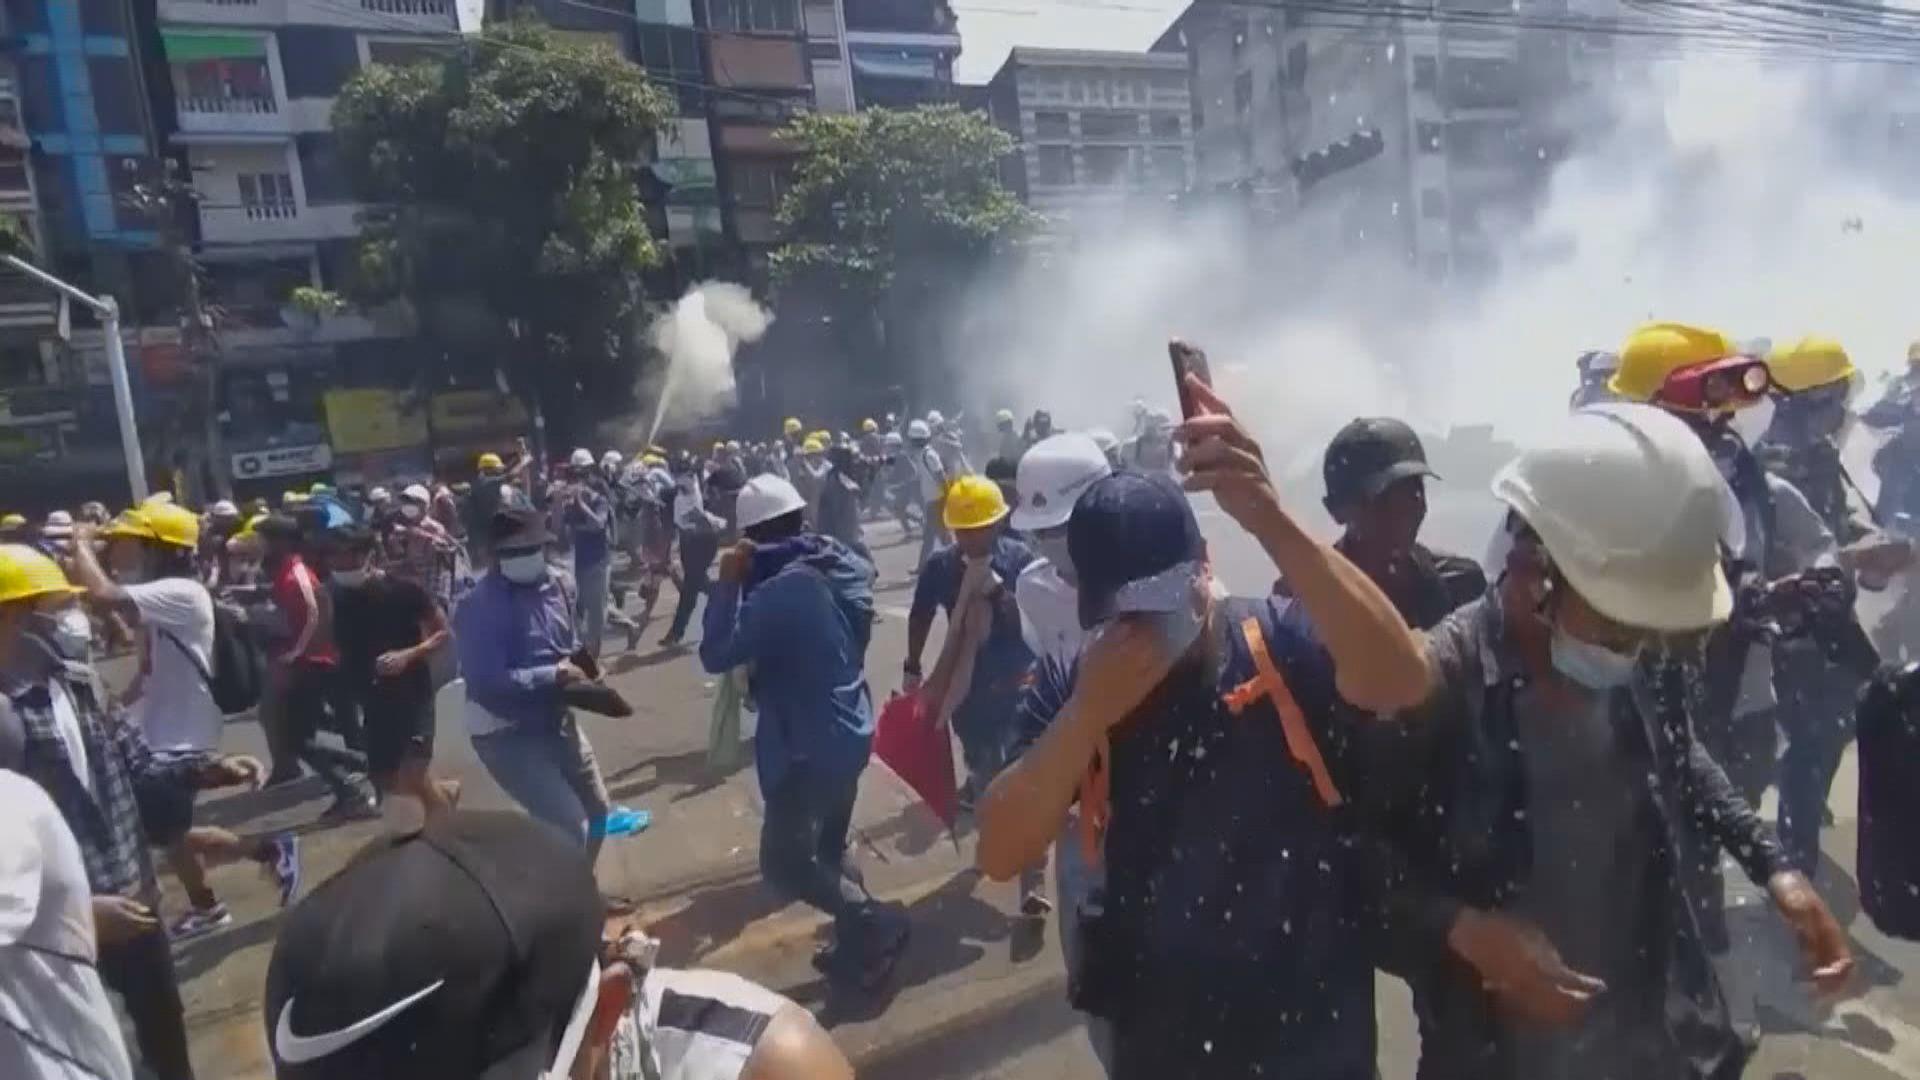 緬甸示威持續 仰光警方射催淚彈驅散示威者